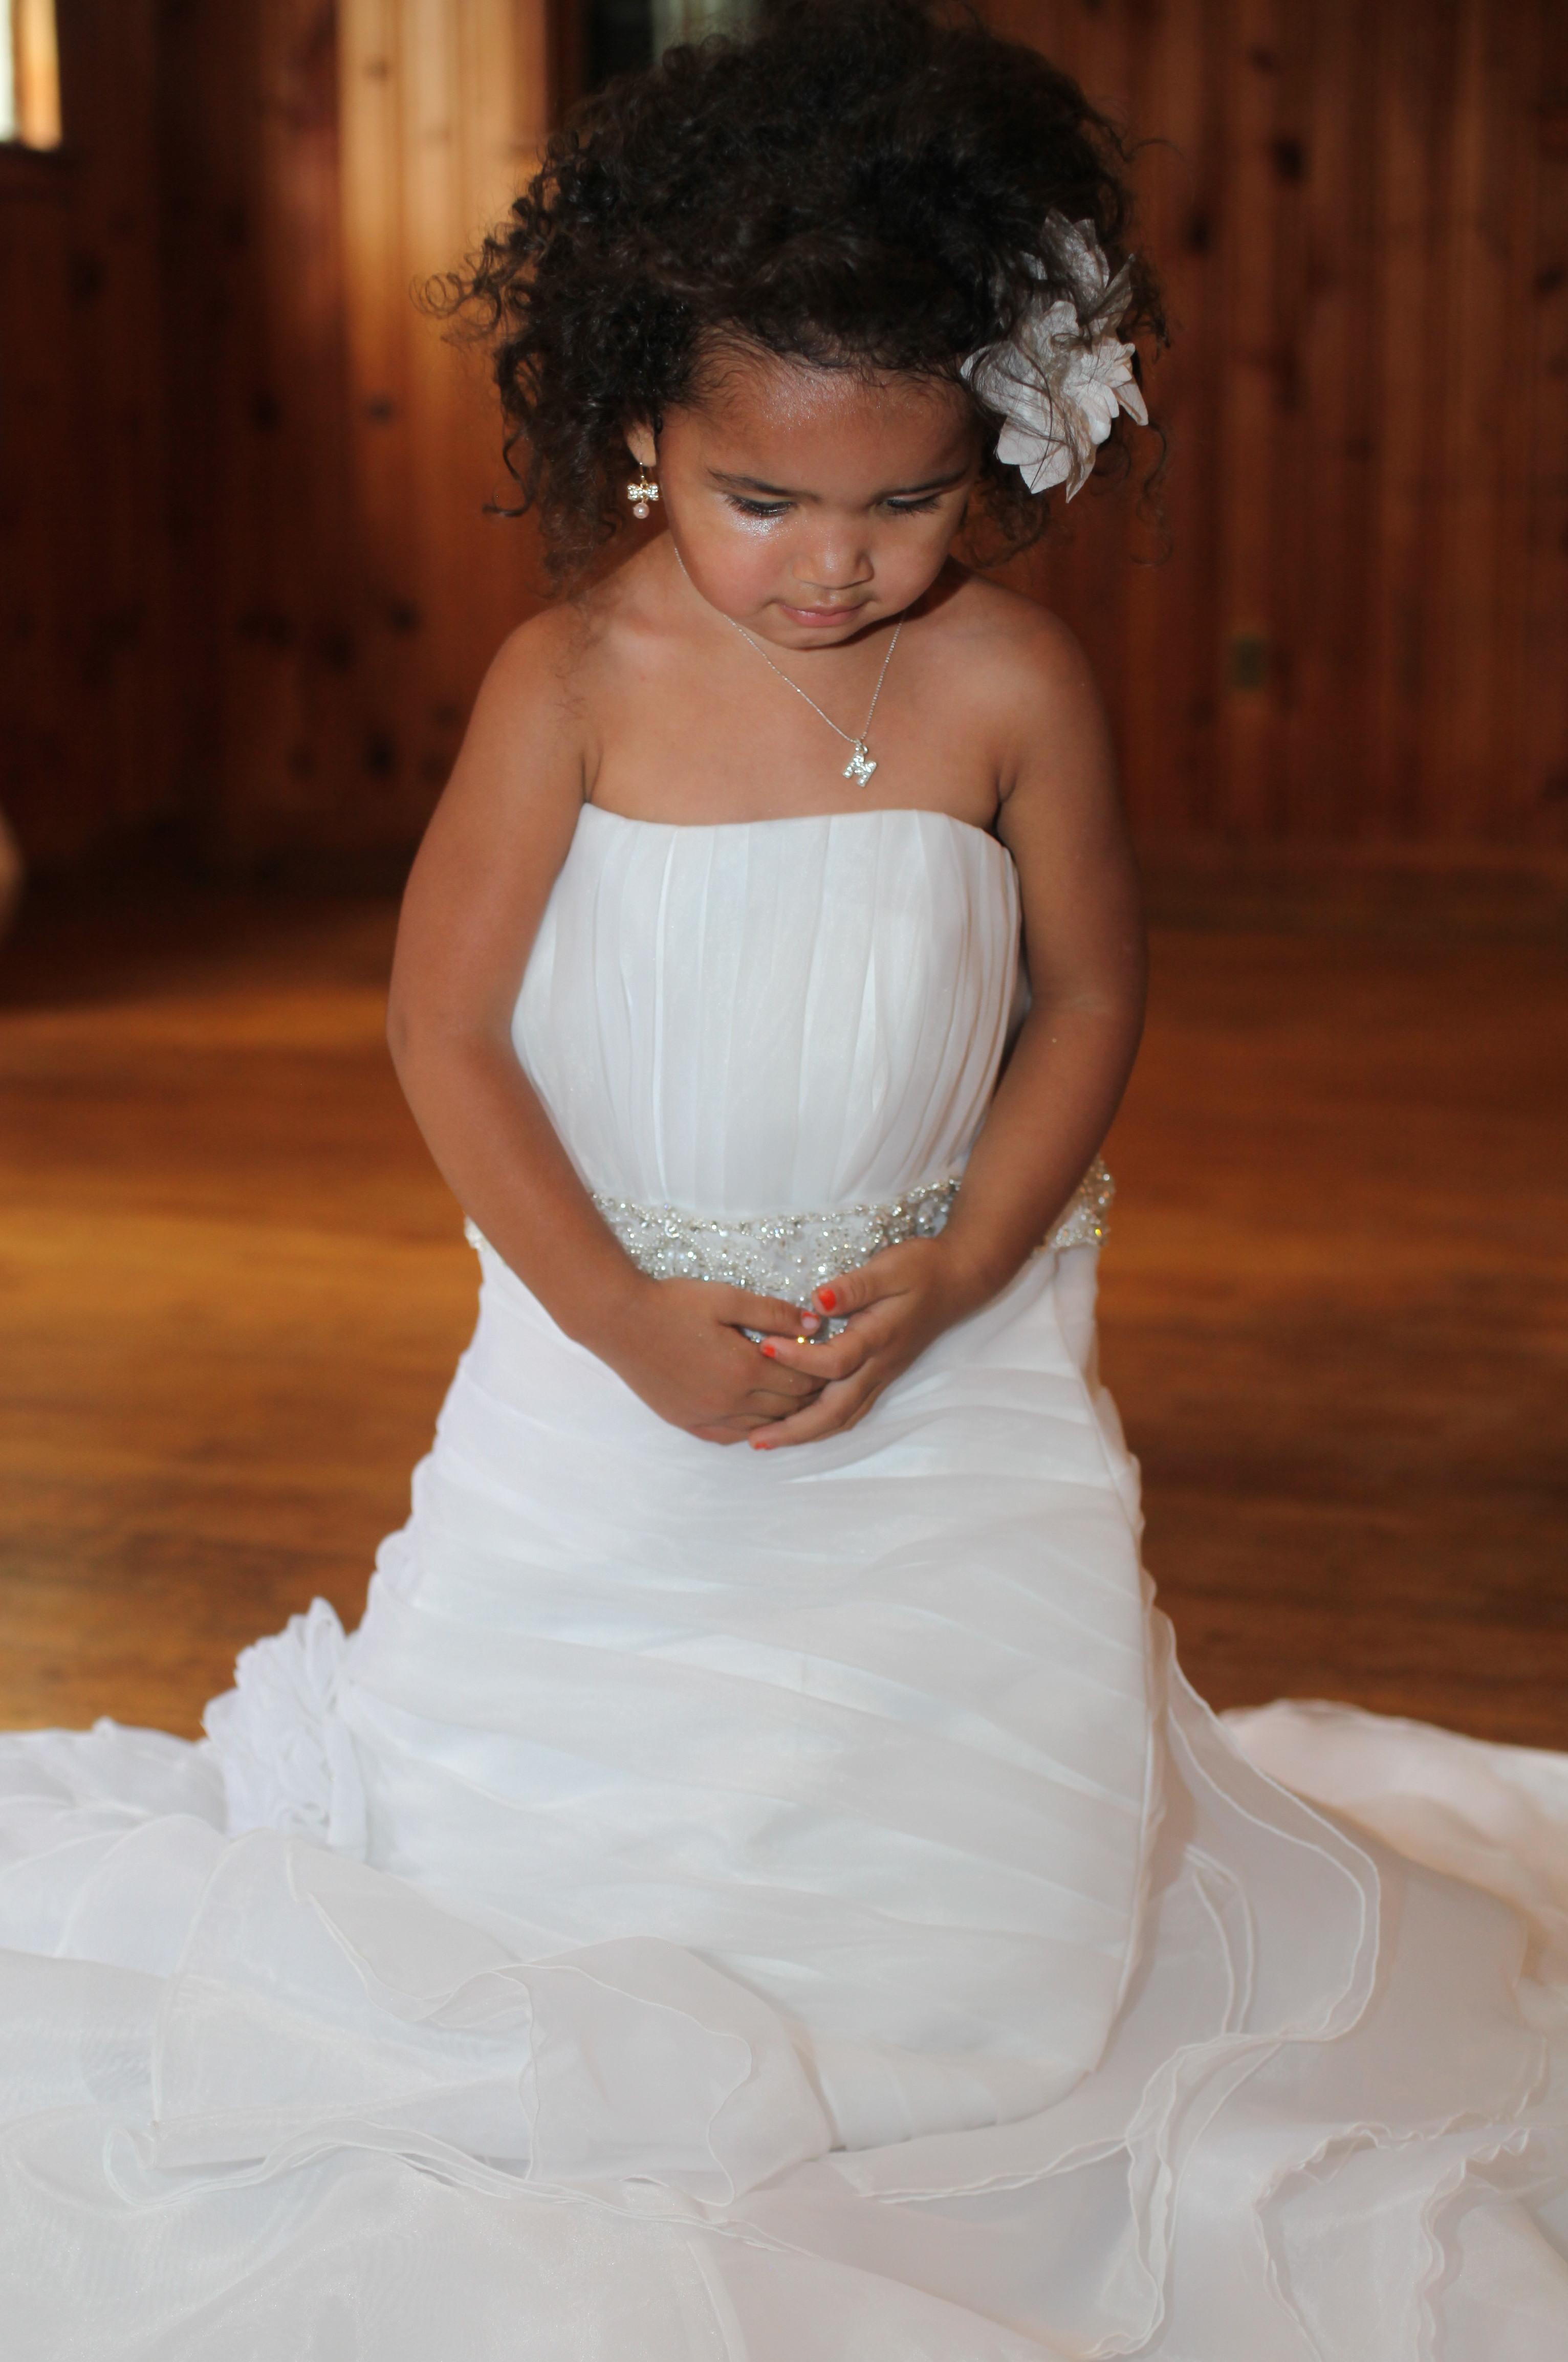 Flower girl in the Wedding Dress